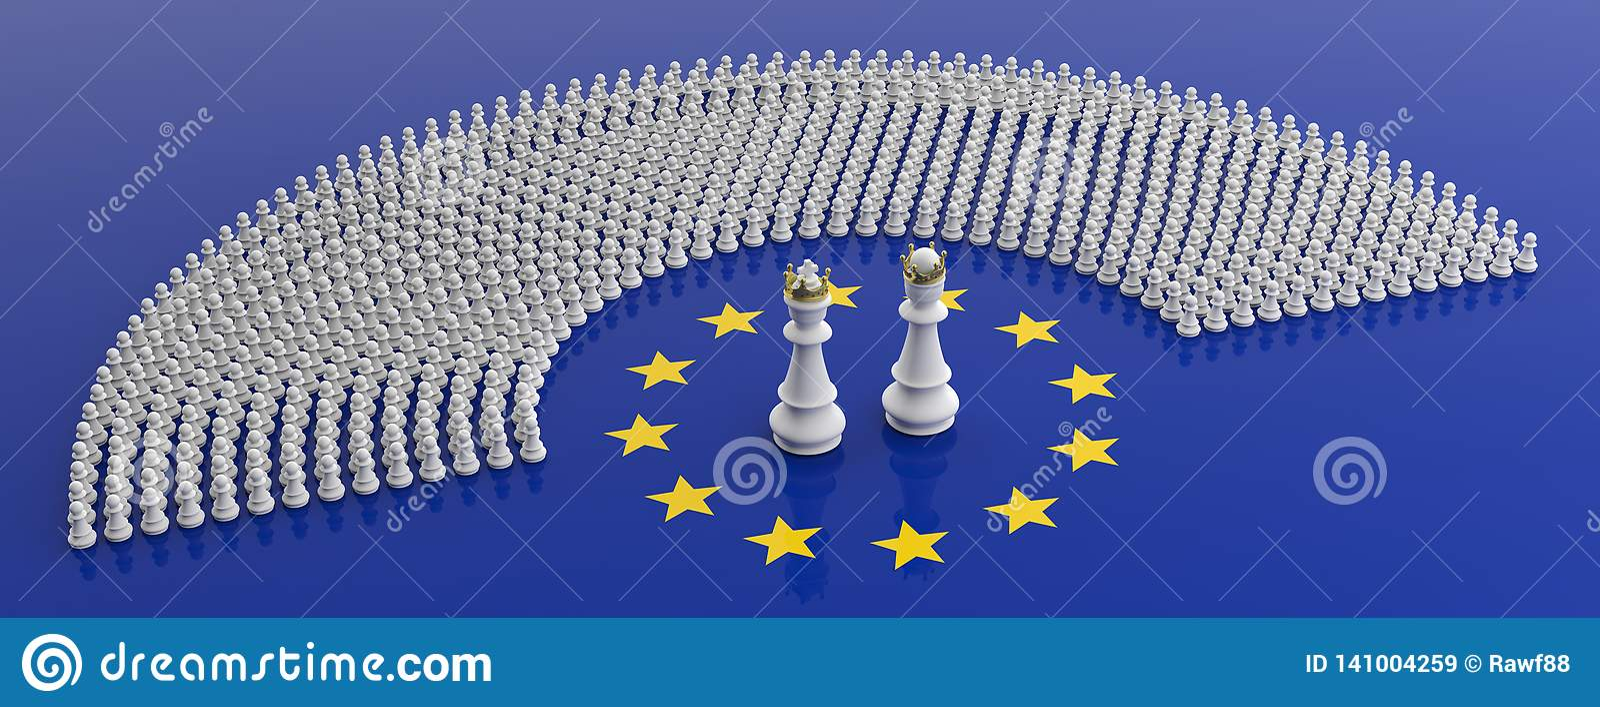 Membri del Parlamento Europeo come i pegni e bandiera di re di scacchi e di Unione Europea del queenon illustrazione 3D